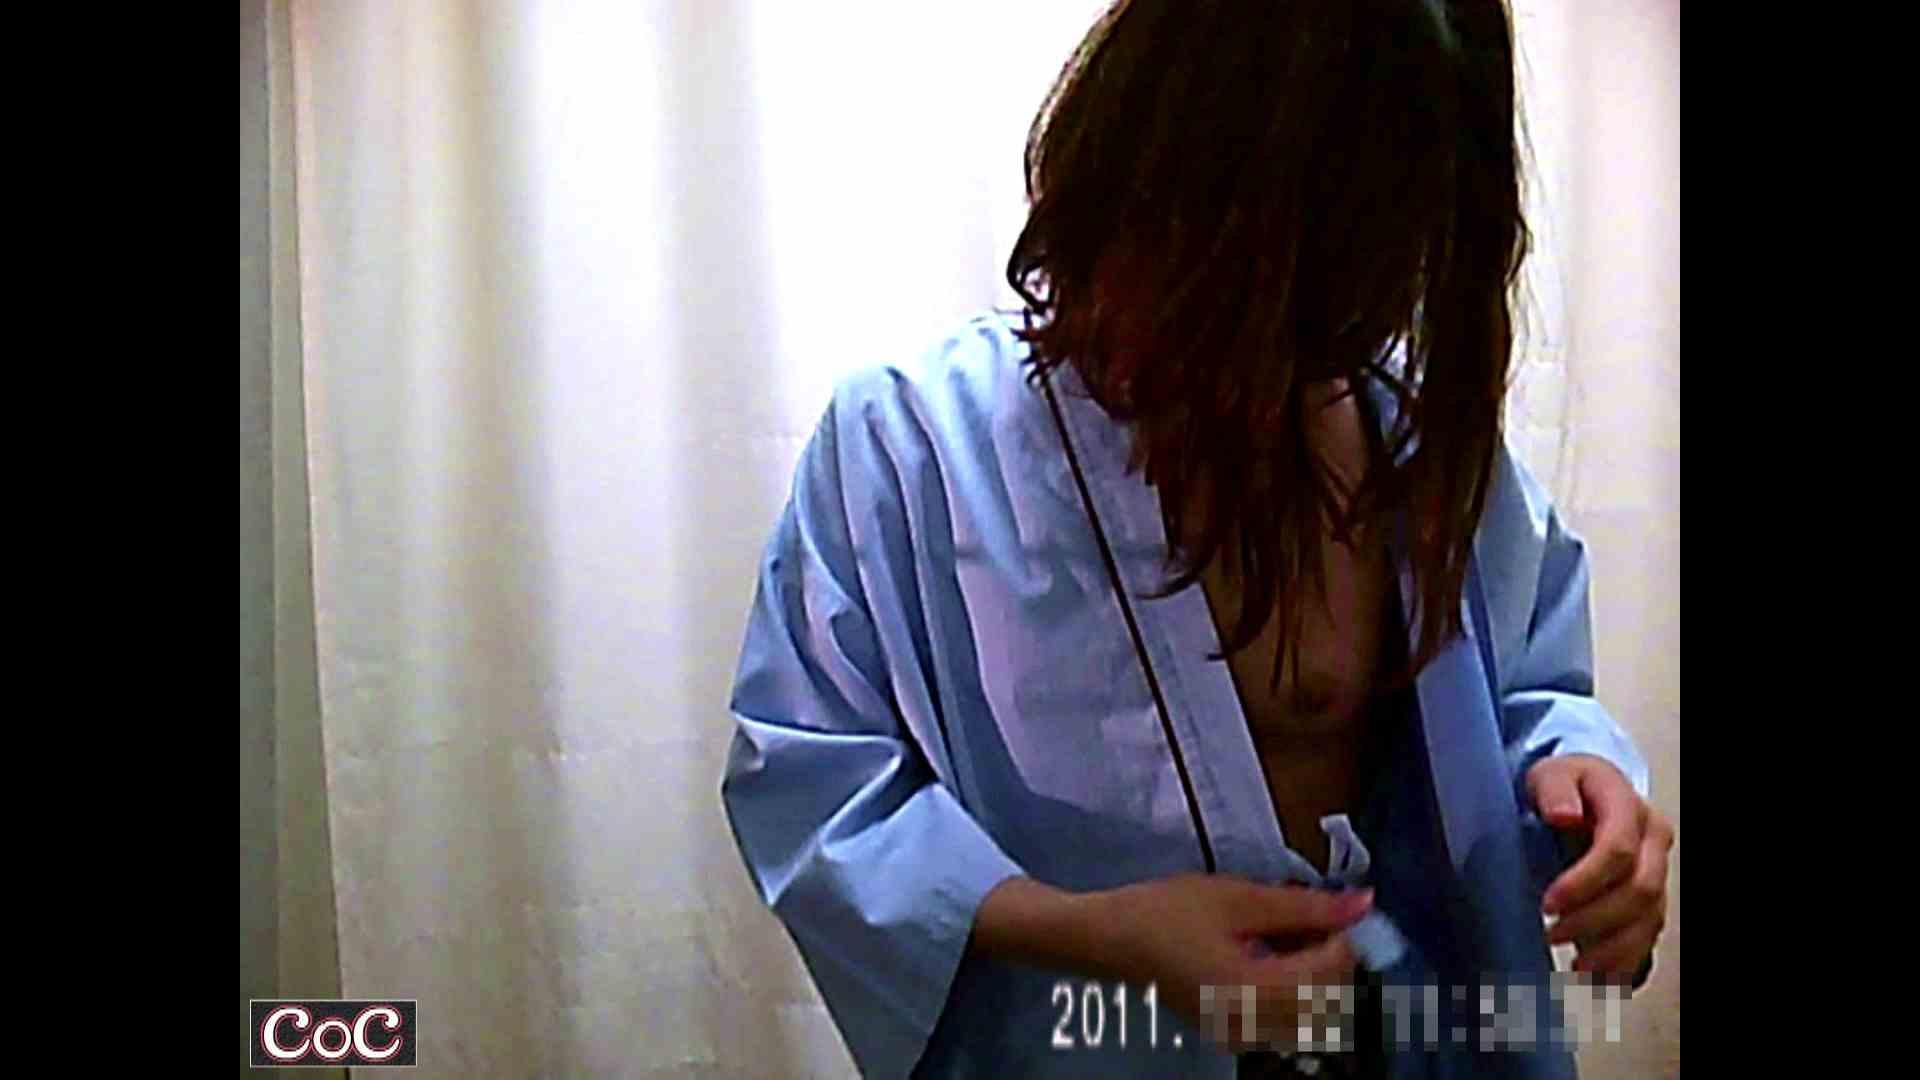 元医者による反抗 更衣室地獄絵巻 vol.194 OLハメ撮り  37Pix 13